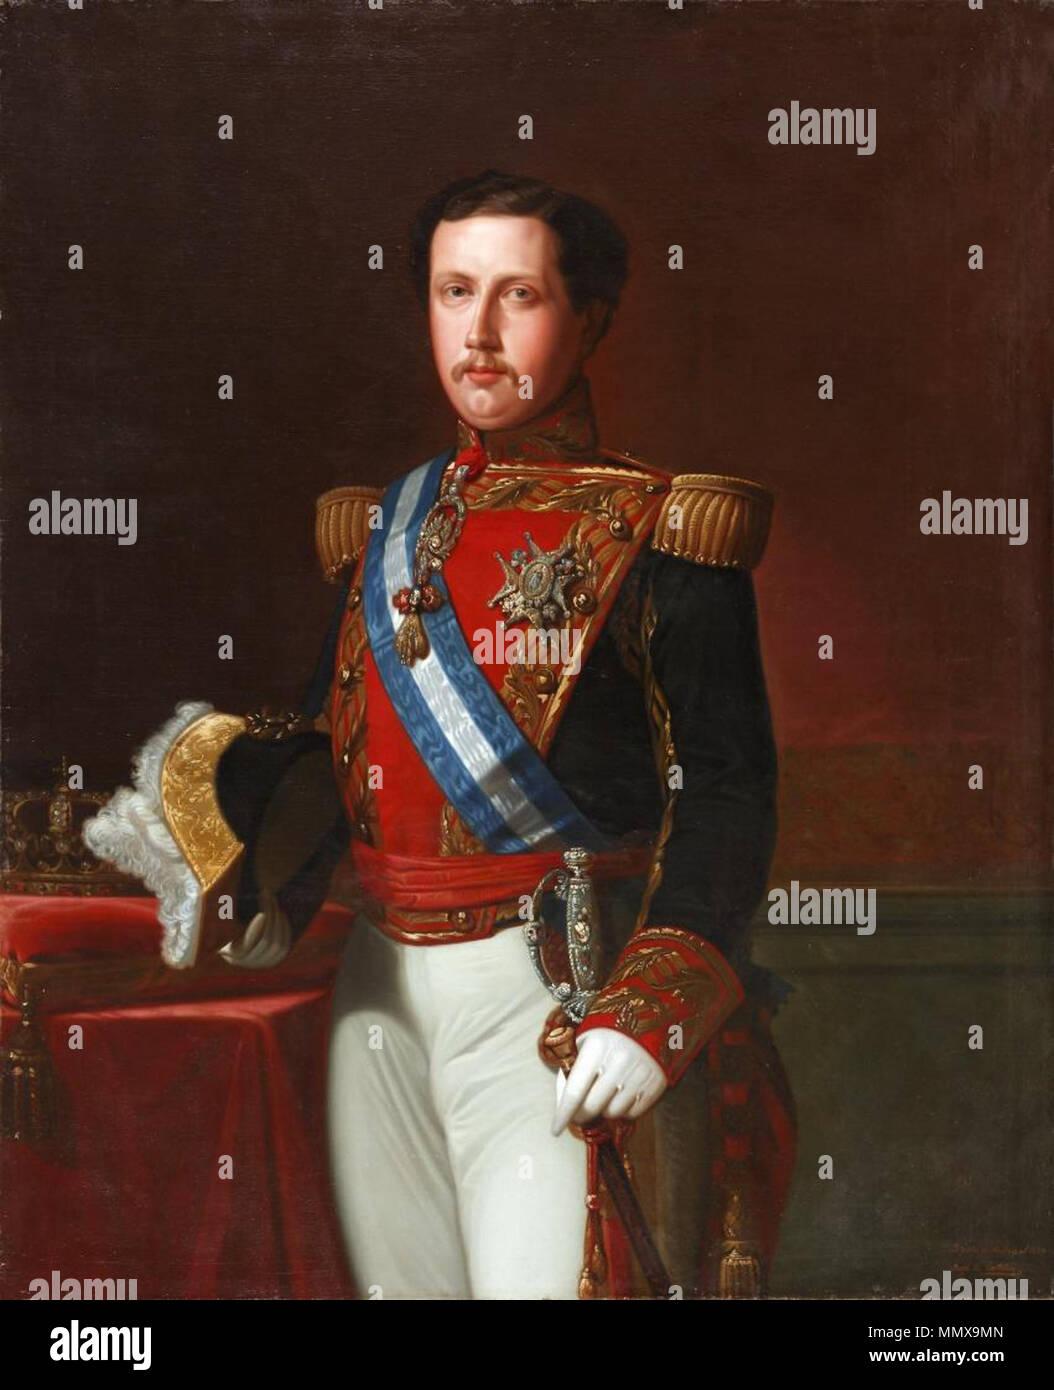 El Rey Don Francisco de Asís (Museo del Romanticismo, Madrid) Immagini Stock